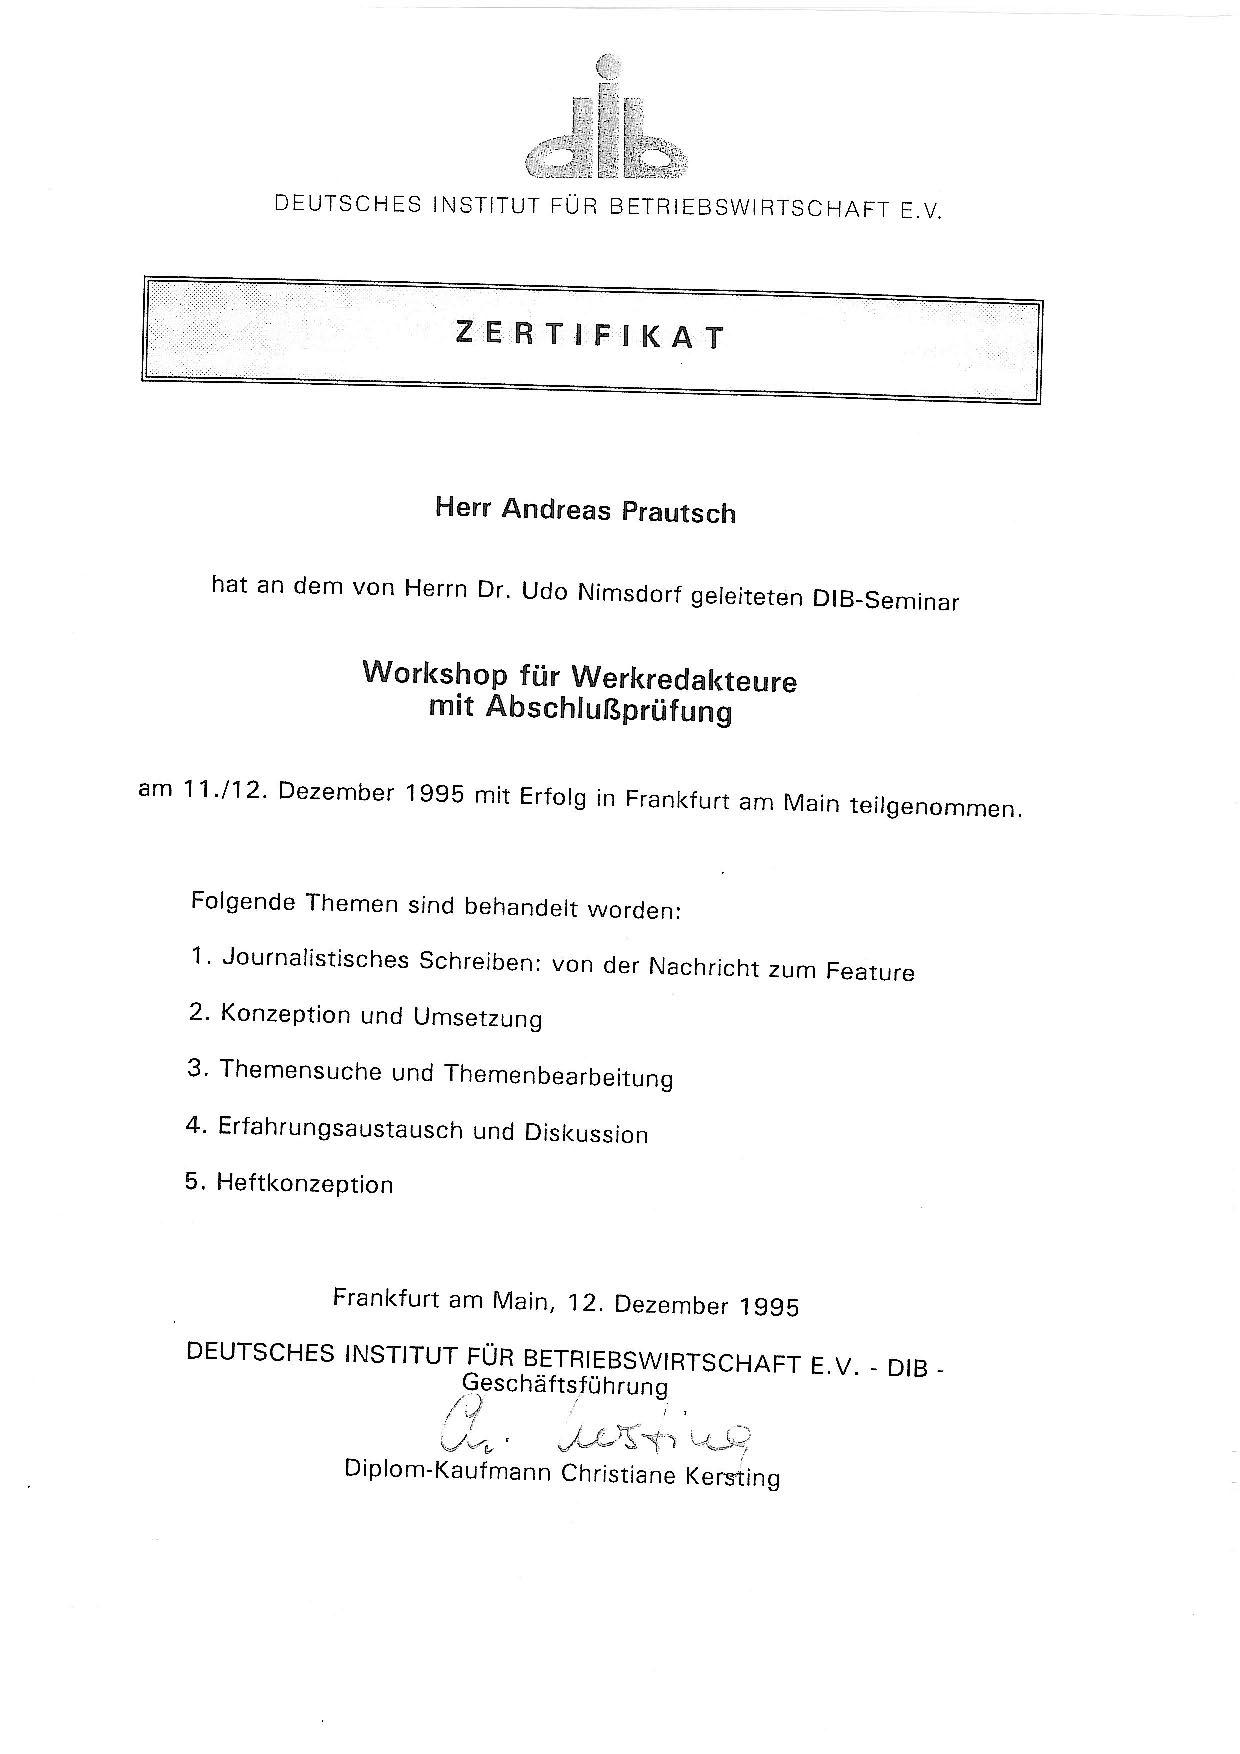 Workshop für Werkredakteure - 1995